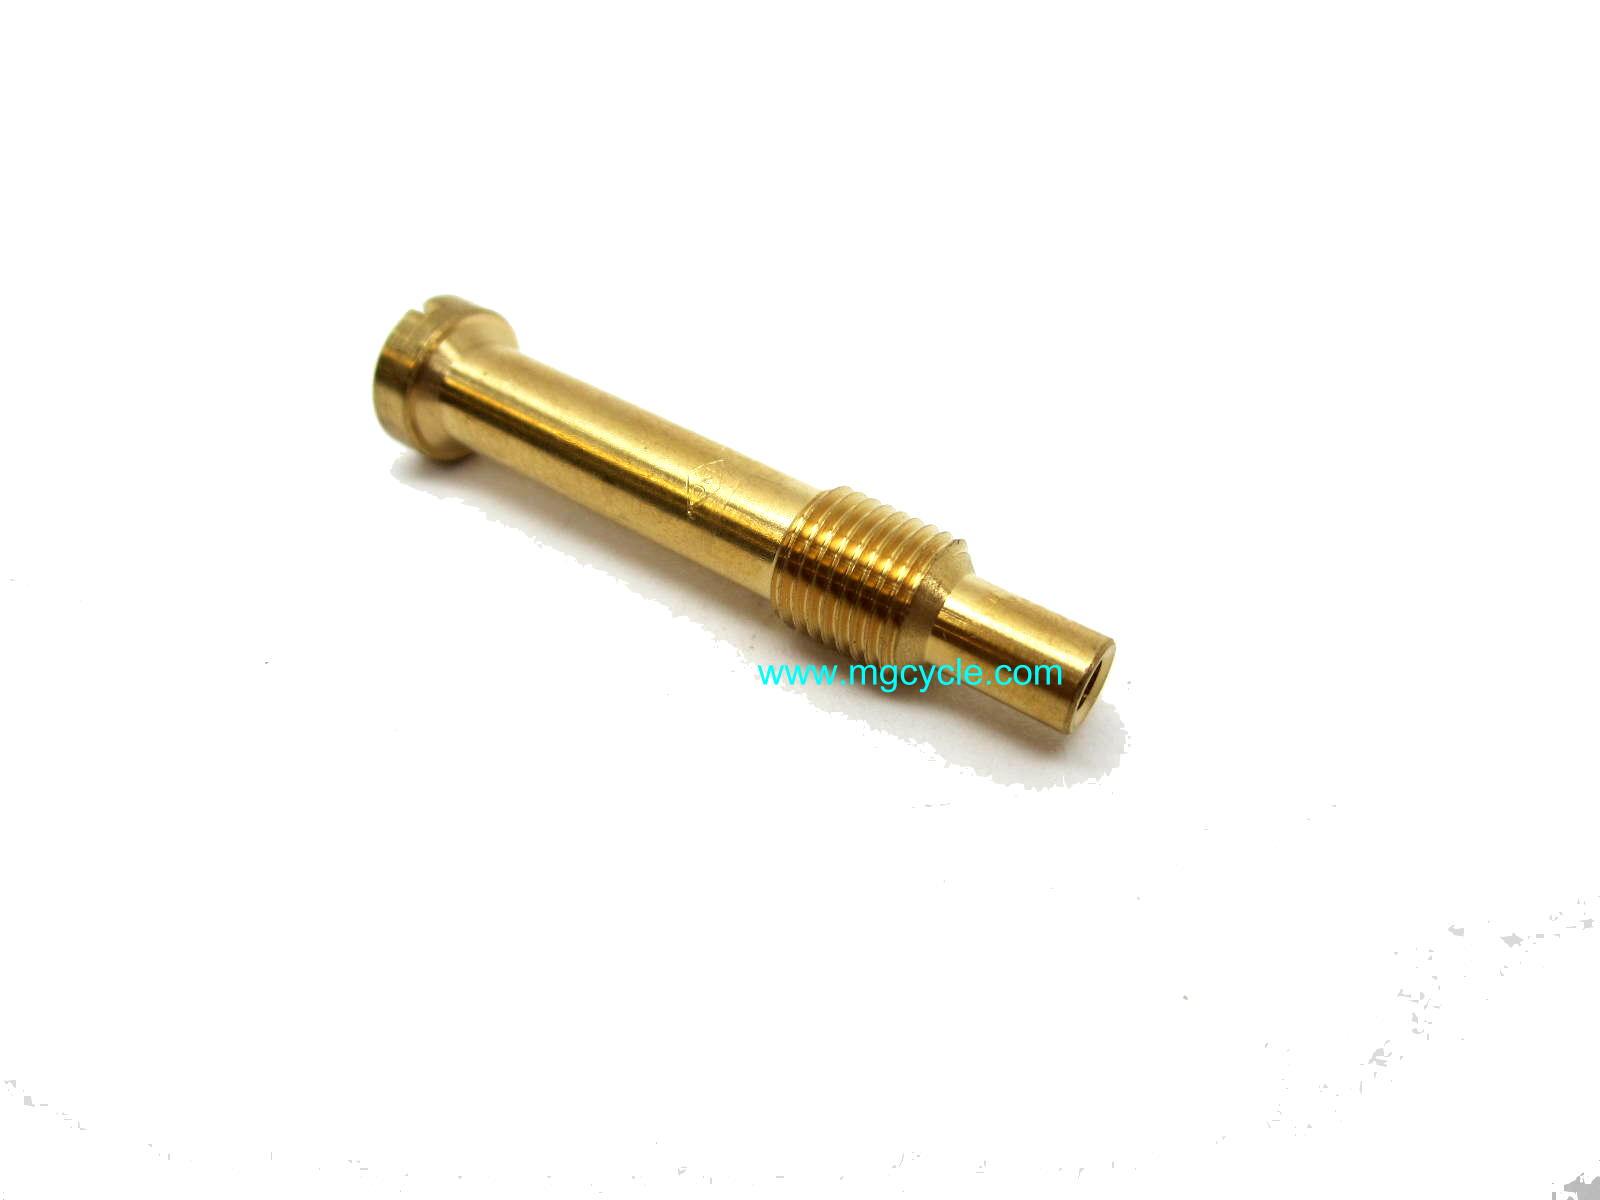 Dellorto 8540 AB268 atomizer PHF PHM carbs